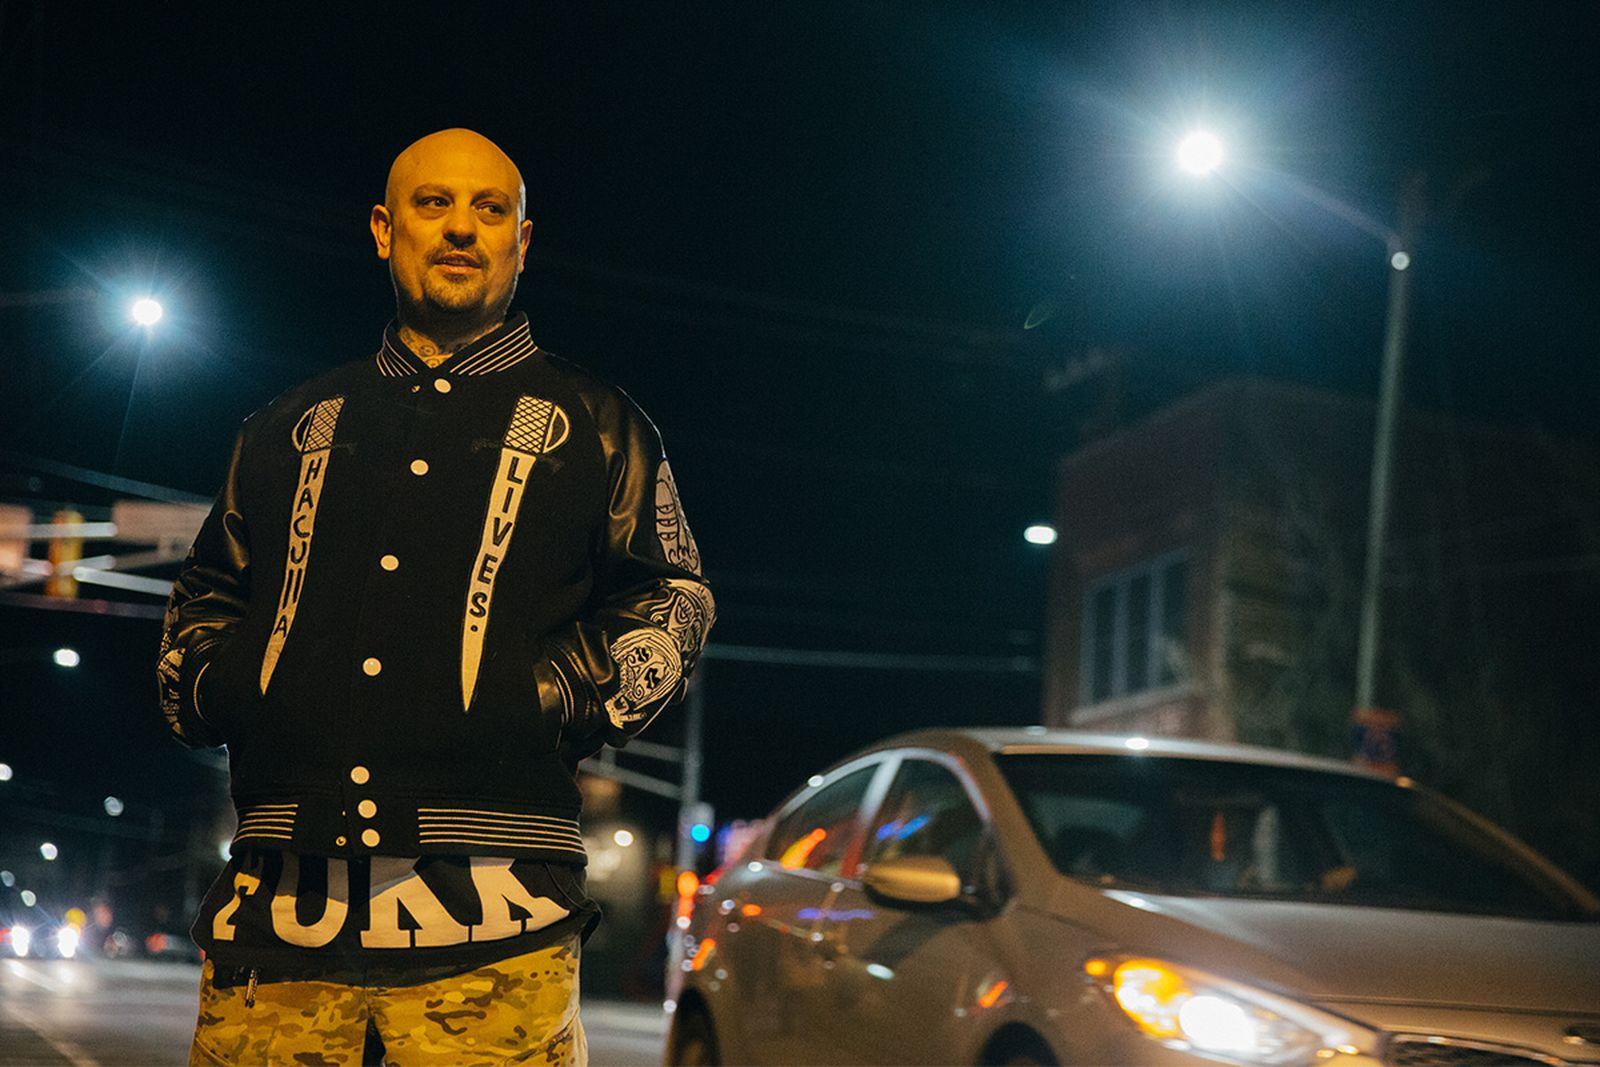 cultural-codes-atlanta-hip-hop-subculture-new-balance-01